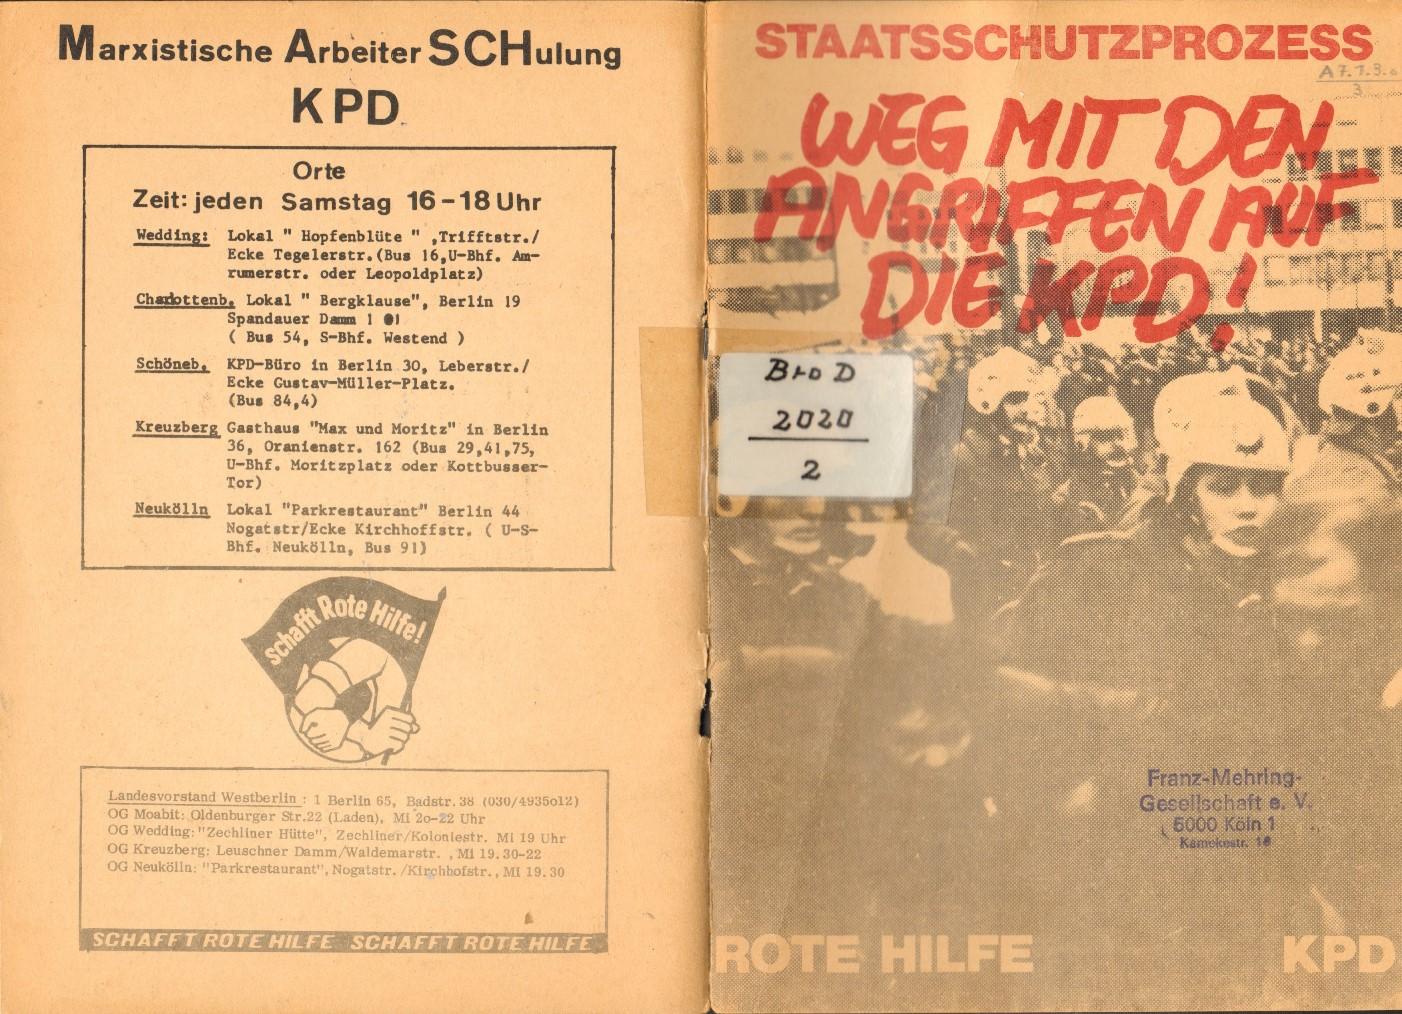 Berlin_KPD_1976_Staatsschutzprozess_01